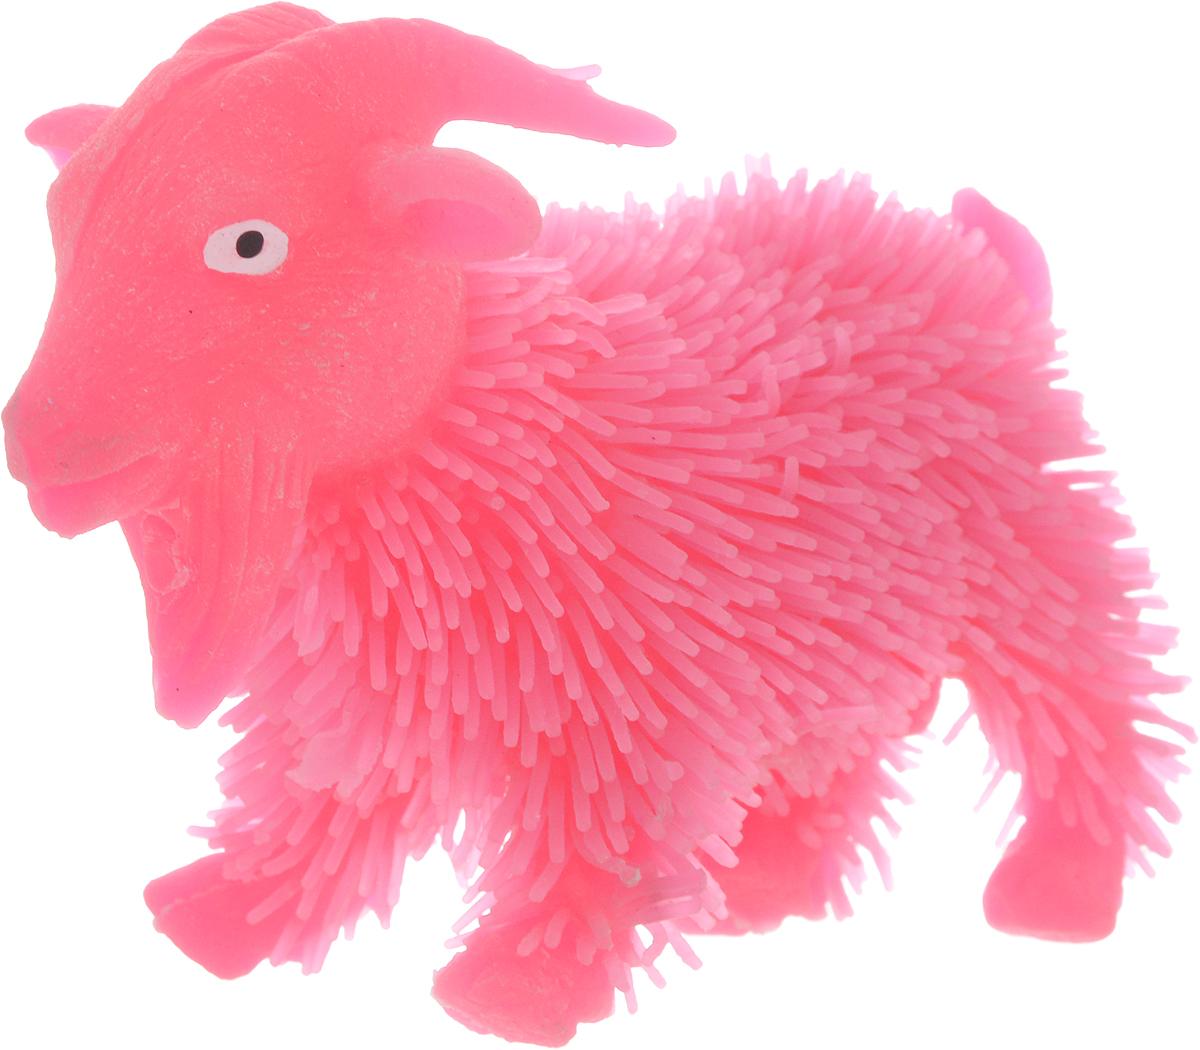 1TOY Антистрессовая игрушка Нью-Ёжики Козел цвет розовый 1toy игрушка антистресс ё ёжик животное цвет бежевый